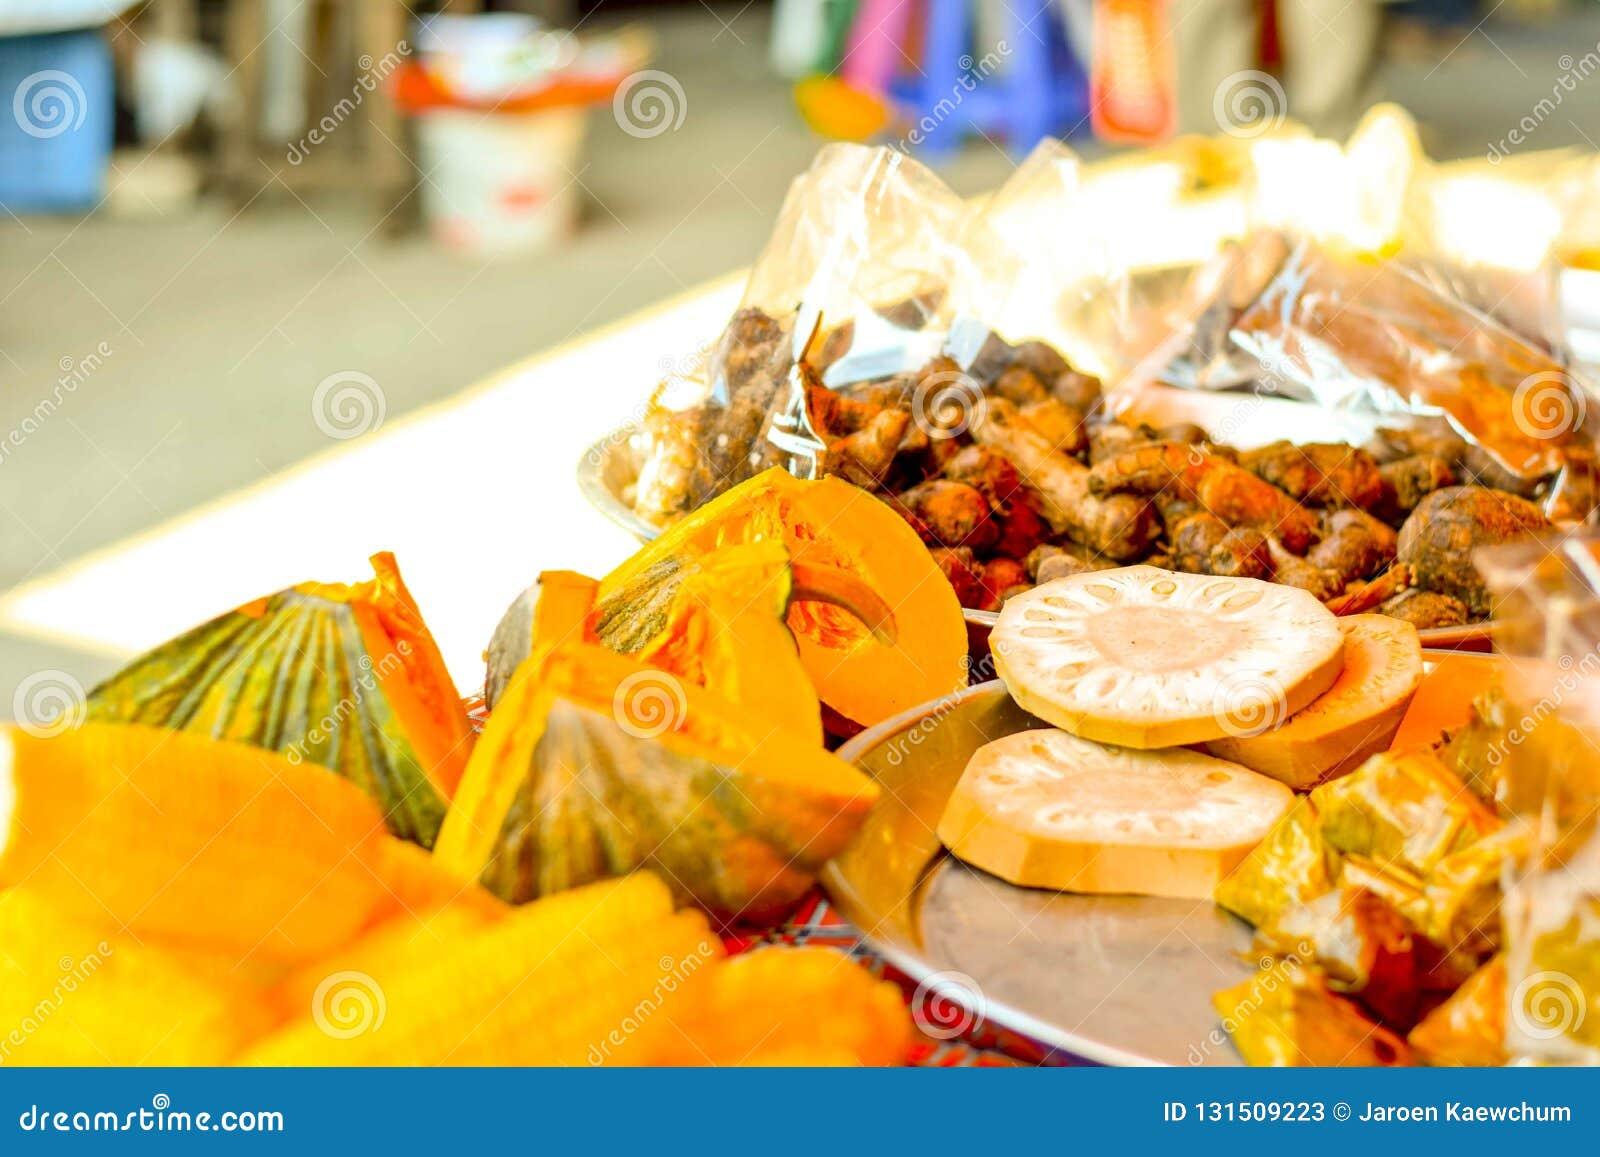 Le marché végétal en Thaïlande